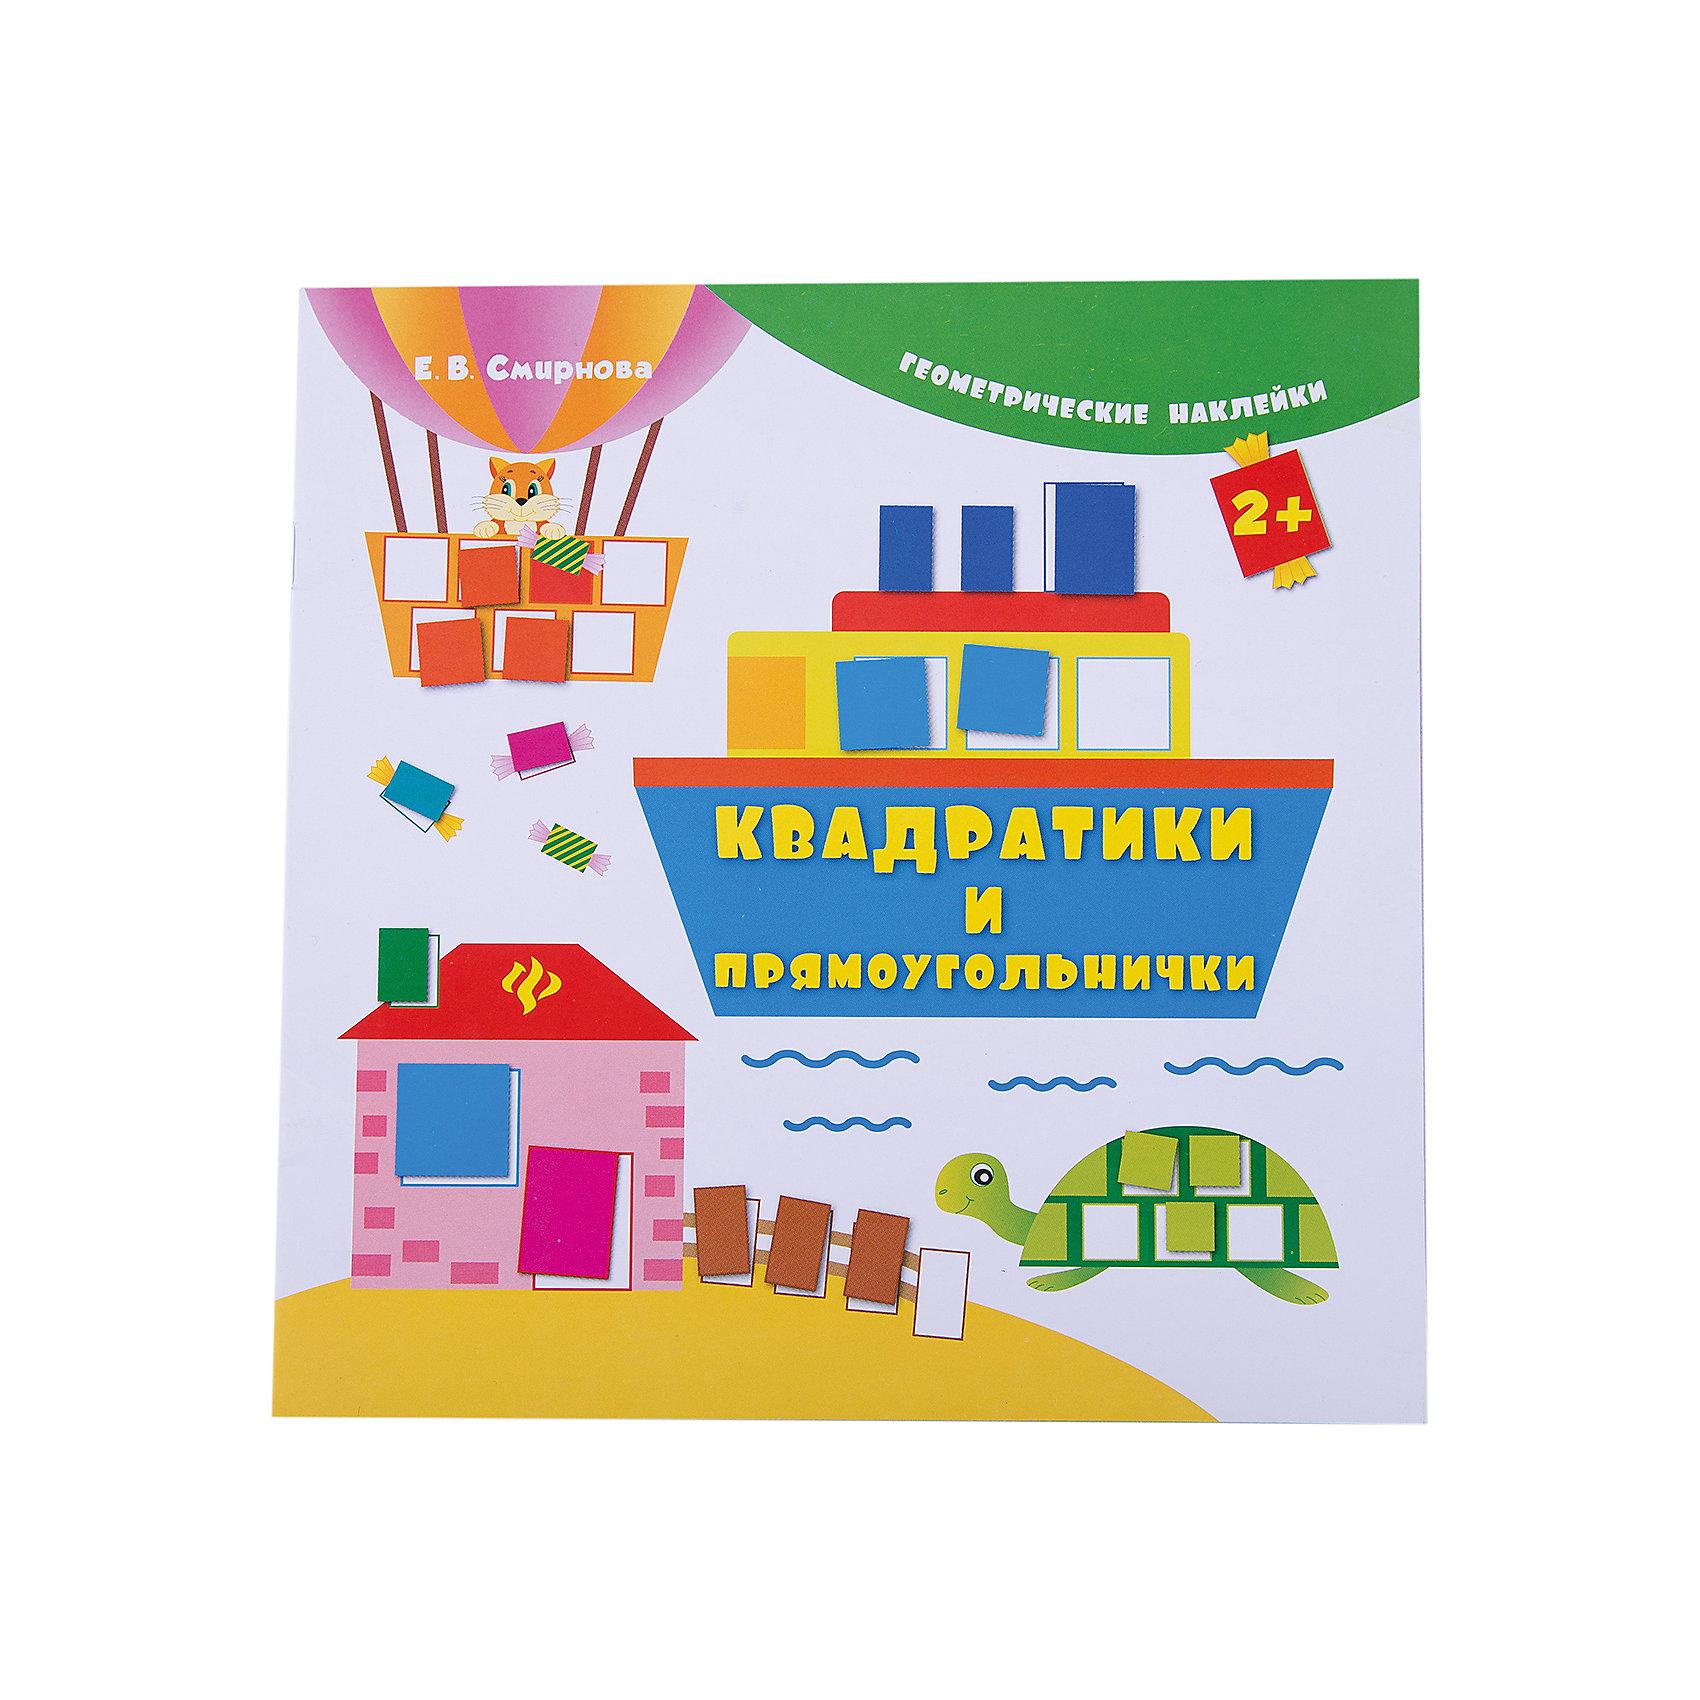 Квадратики, прямоугольничкиКвадратики, прямоугольнички – эта книга из серии «Геометрические наклейки» для совместной работы детей возрастом от двух лет и родителей.<br>Данная книга познакомит детей с такими геометрическими формами, как квадрат и прямоугольник, и научит работать с ними: называть, узнавать на рисунке и среди окружающих предметов, подбирать наклейки соответствующей формы. Кроме того, наклеивание небольших по размеру элементов приучает малышей к аккуратности и развивает мелкую моторику кисти, что позитивно влияет на развитие речи.<br><br>Дополнительная информация:<br><br>- Автор: Смирнова Екатерина Васильевна<br>- Художник: Смирнова Екатерина Васильевна<br>- Редактор: Зиновьева Л. А.<br>- Издательство: Феникс-Премьер, 2016 г.<br>- Серия: Геометрические наклейки<br>- Тип обложки: мягкий переплет (крепление скрепкой или клеем)<br>- Оформление: с наклейками<br>- Иллюстрации: цветные<br>- Количество страниц: 8 (мелованная)<br>- Размер: 215x214x2 мм.<br>- Вес: 58 гр.<br><br>Книгу «Квадратики, прямоугольнички» можно купить в нашем интернет-магазине.<br><br>Ширина мм: 215<br>Глубина мм: 1<br>Высота мм: 215<br>Вес г: 84<br>Возраст от месяцев: 36<br>Возраст до месяцев: 60<br>Пол: Унисекс<br>Возраст: Детский<br>SKU: 4637831